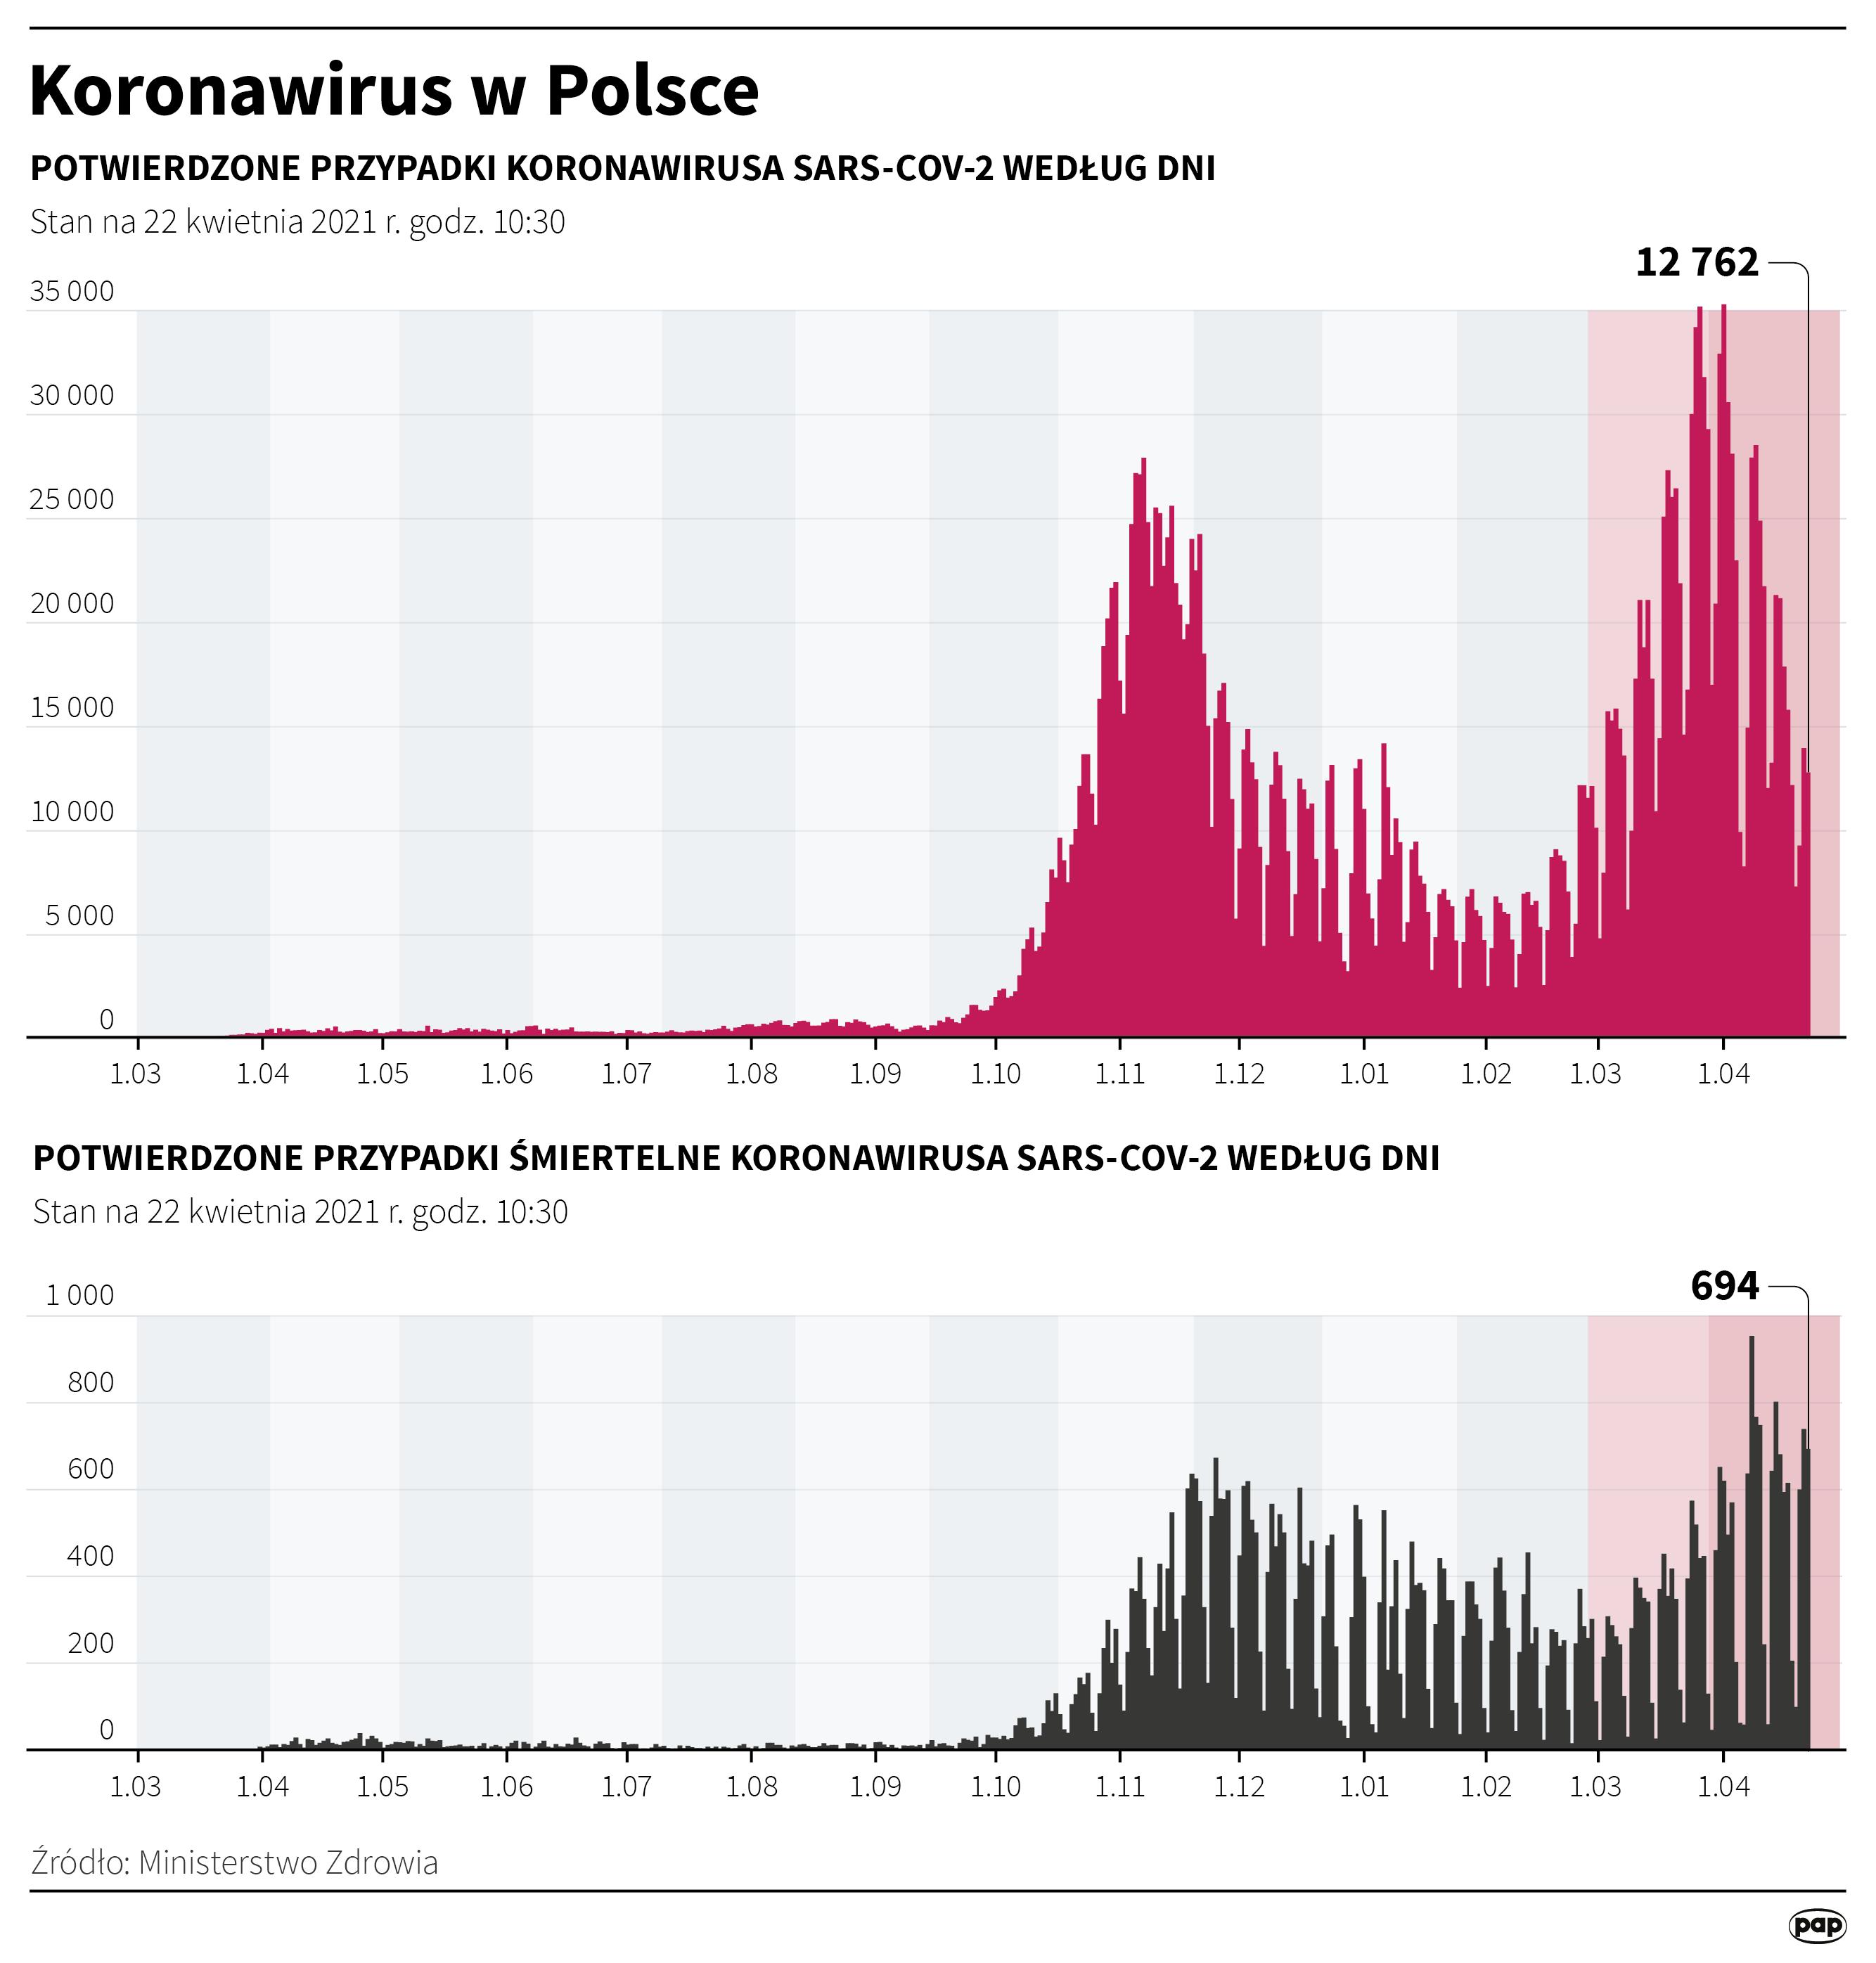 Koronawirus w Polsce stan na 22 kwietnia [autor: Maciej Zieliński, źródło: PAP]